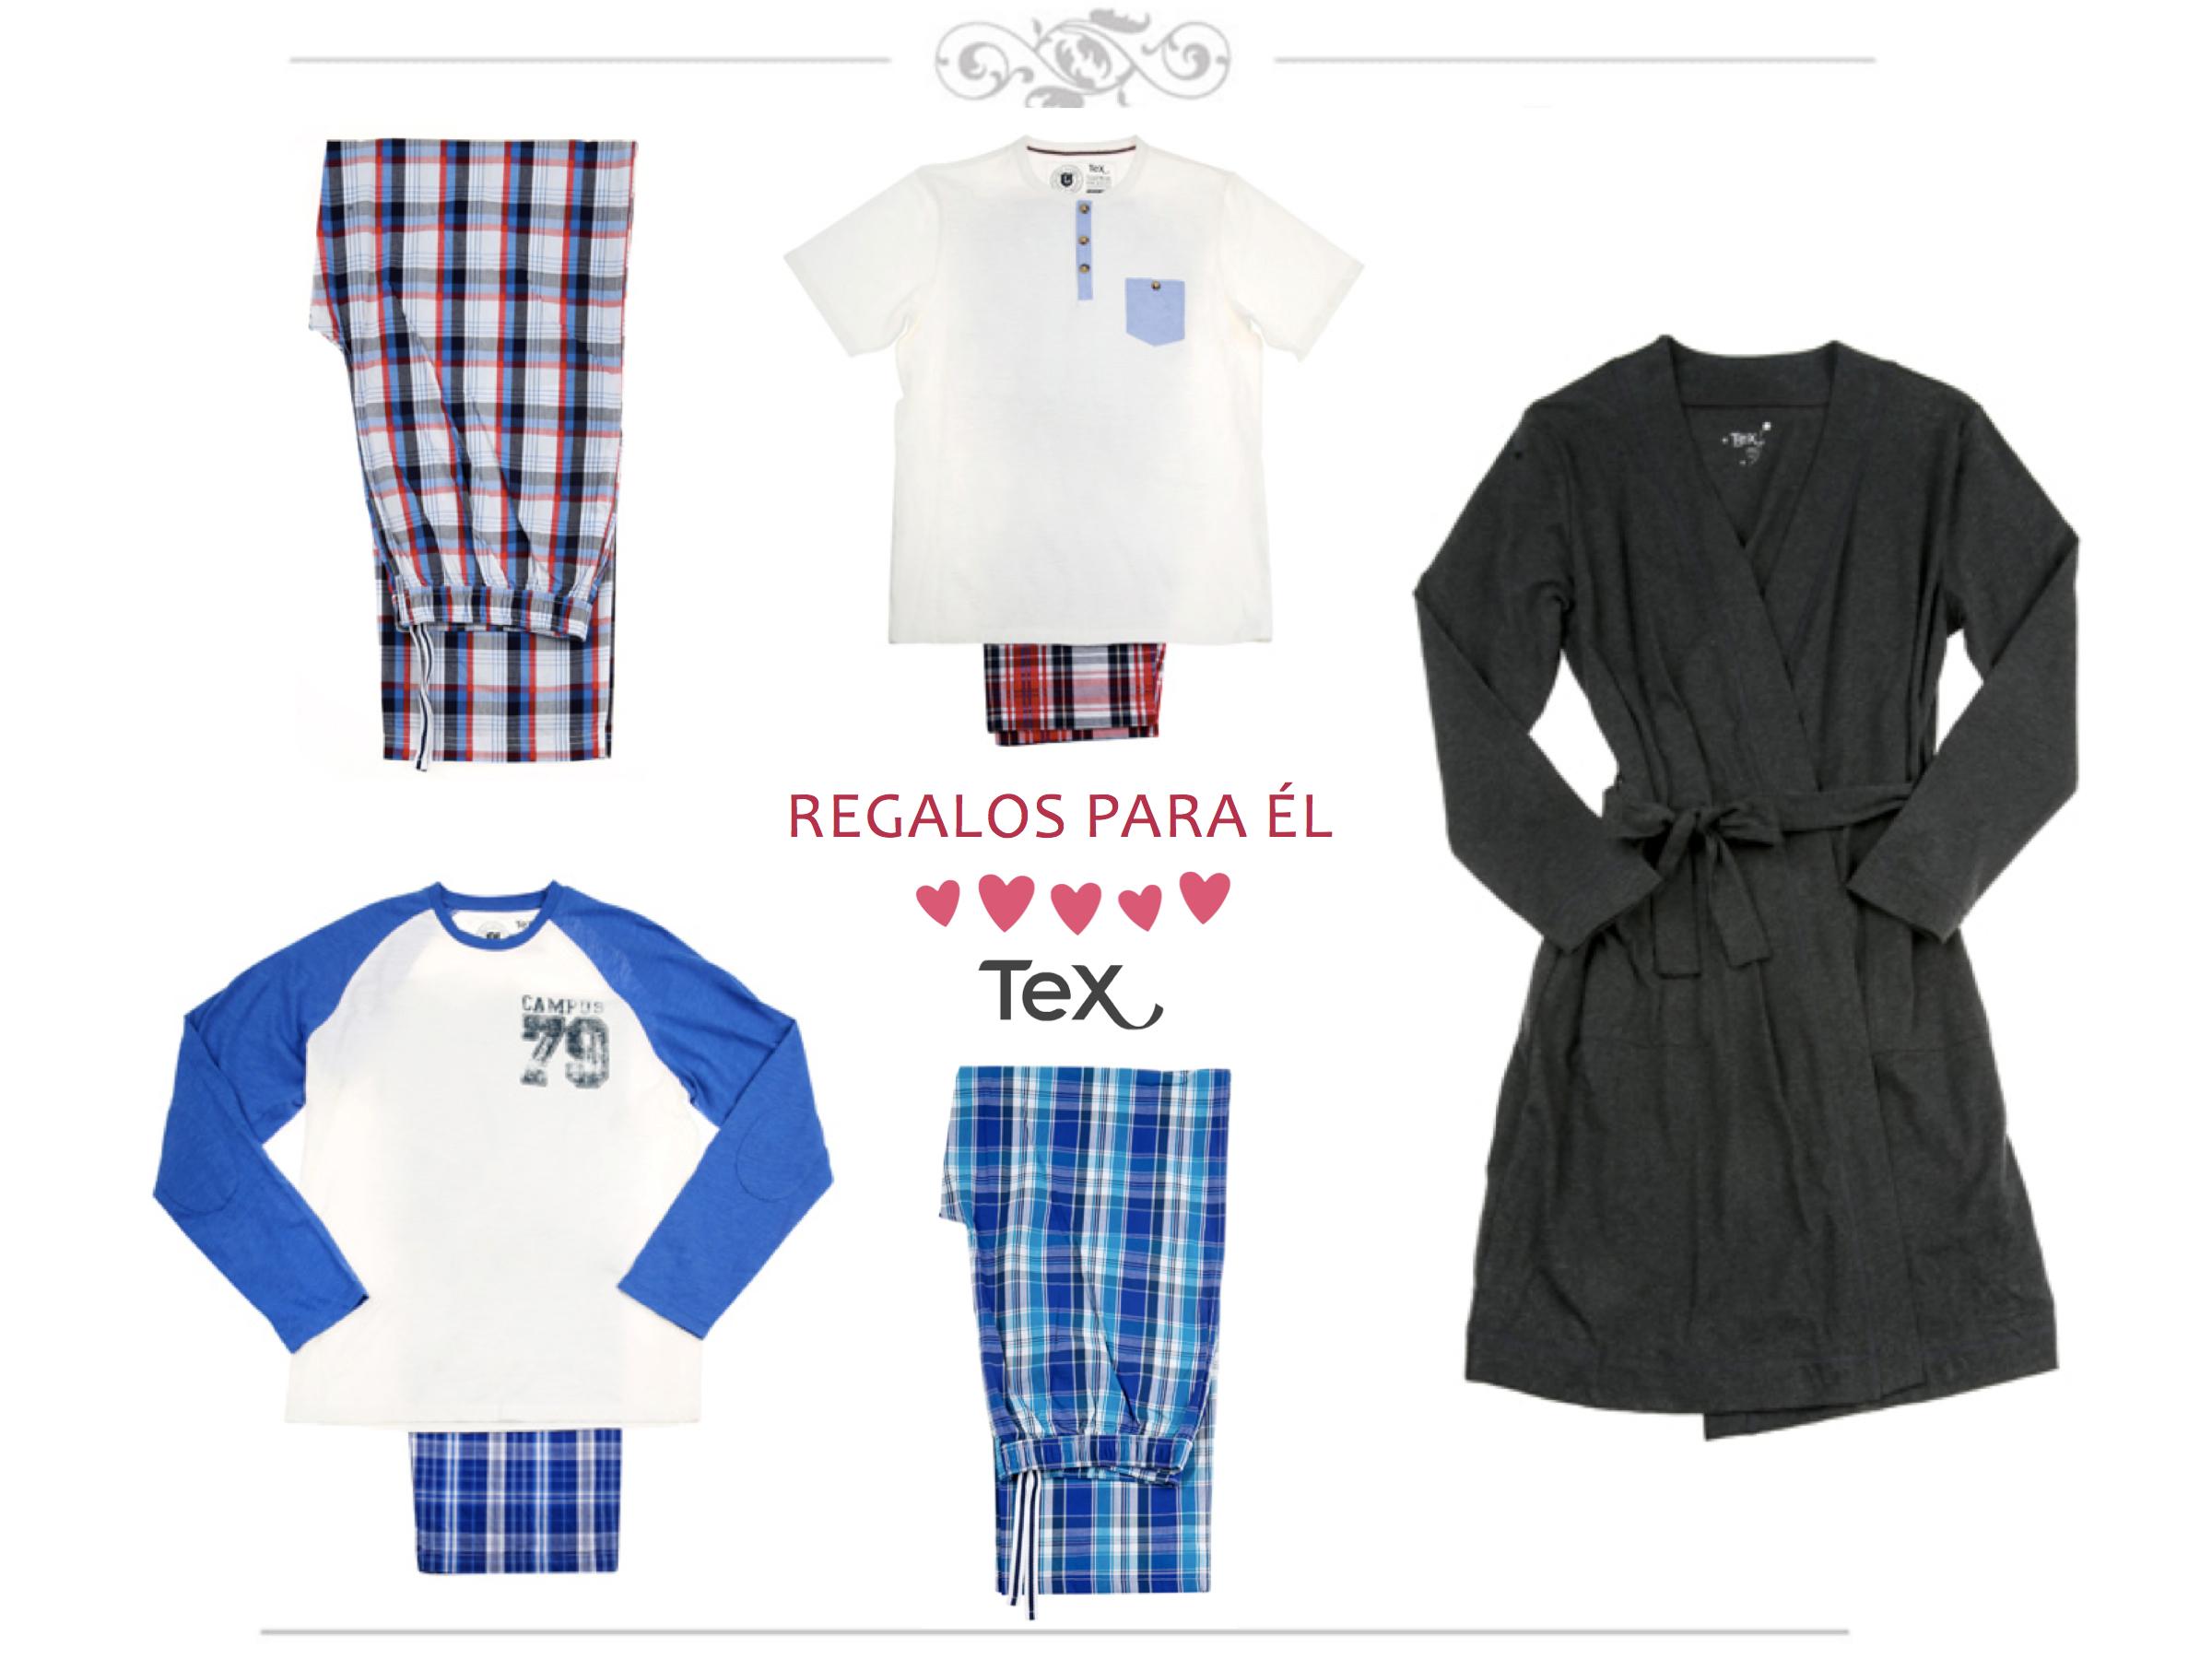 regalos_ella ideas regalo san valentin tex carrefour crimenes de la moda